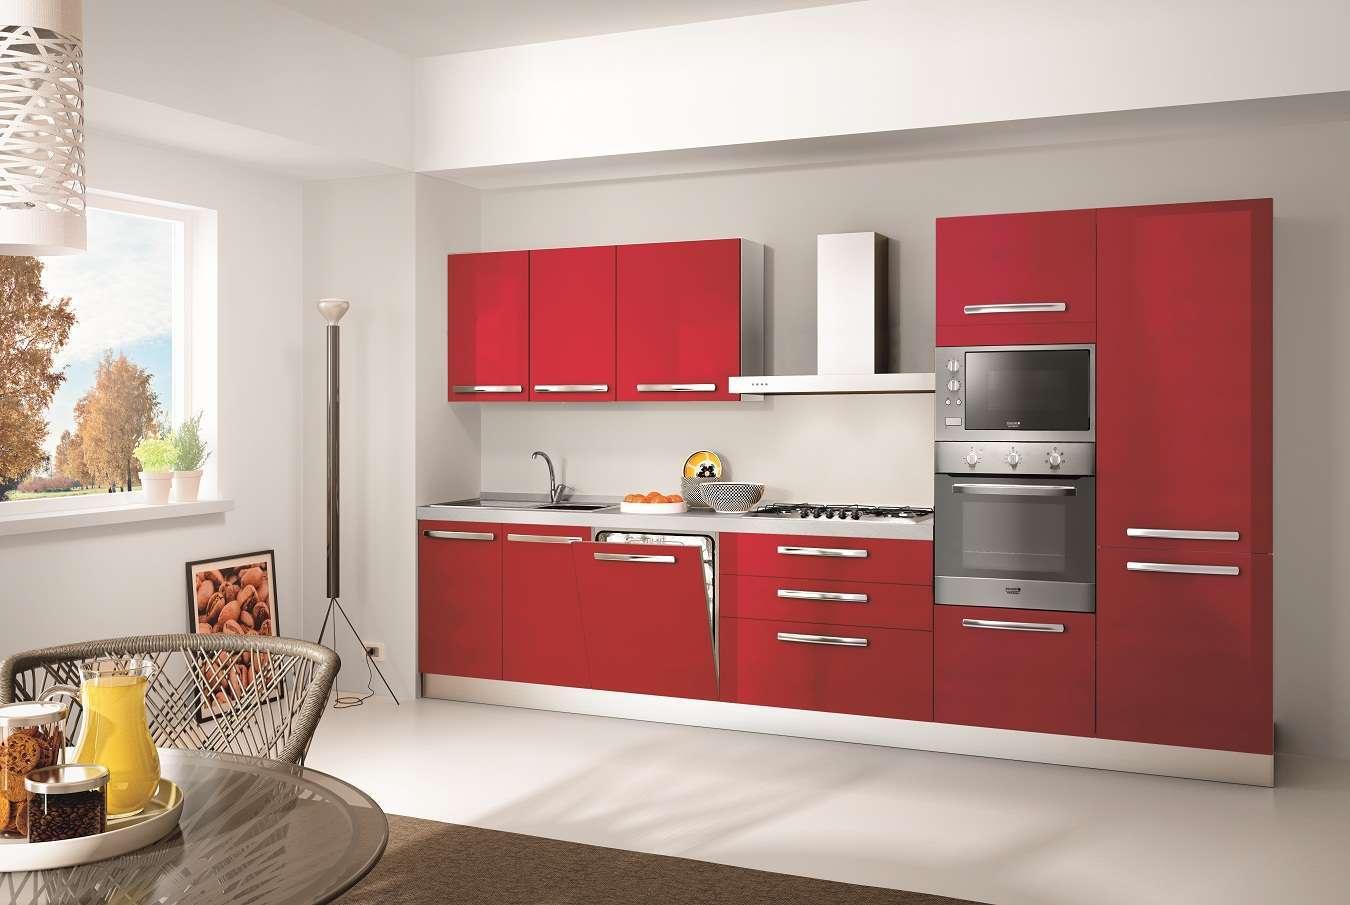 Durano di pi i frigoriferi da incasso o da libera for 2 metri quadrati di garage